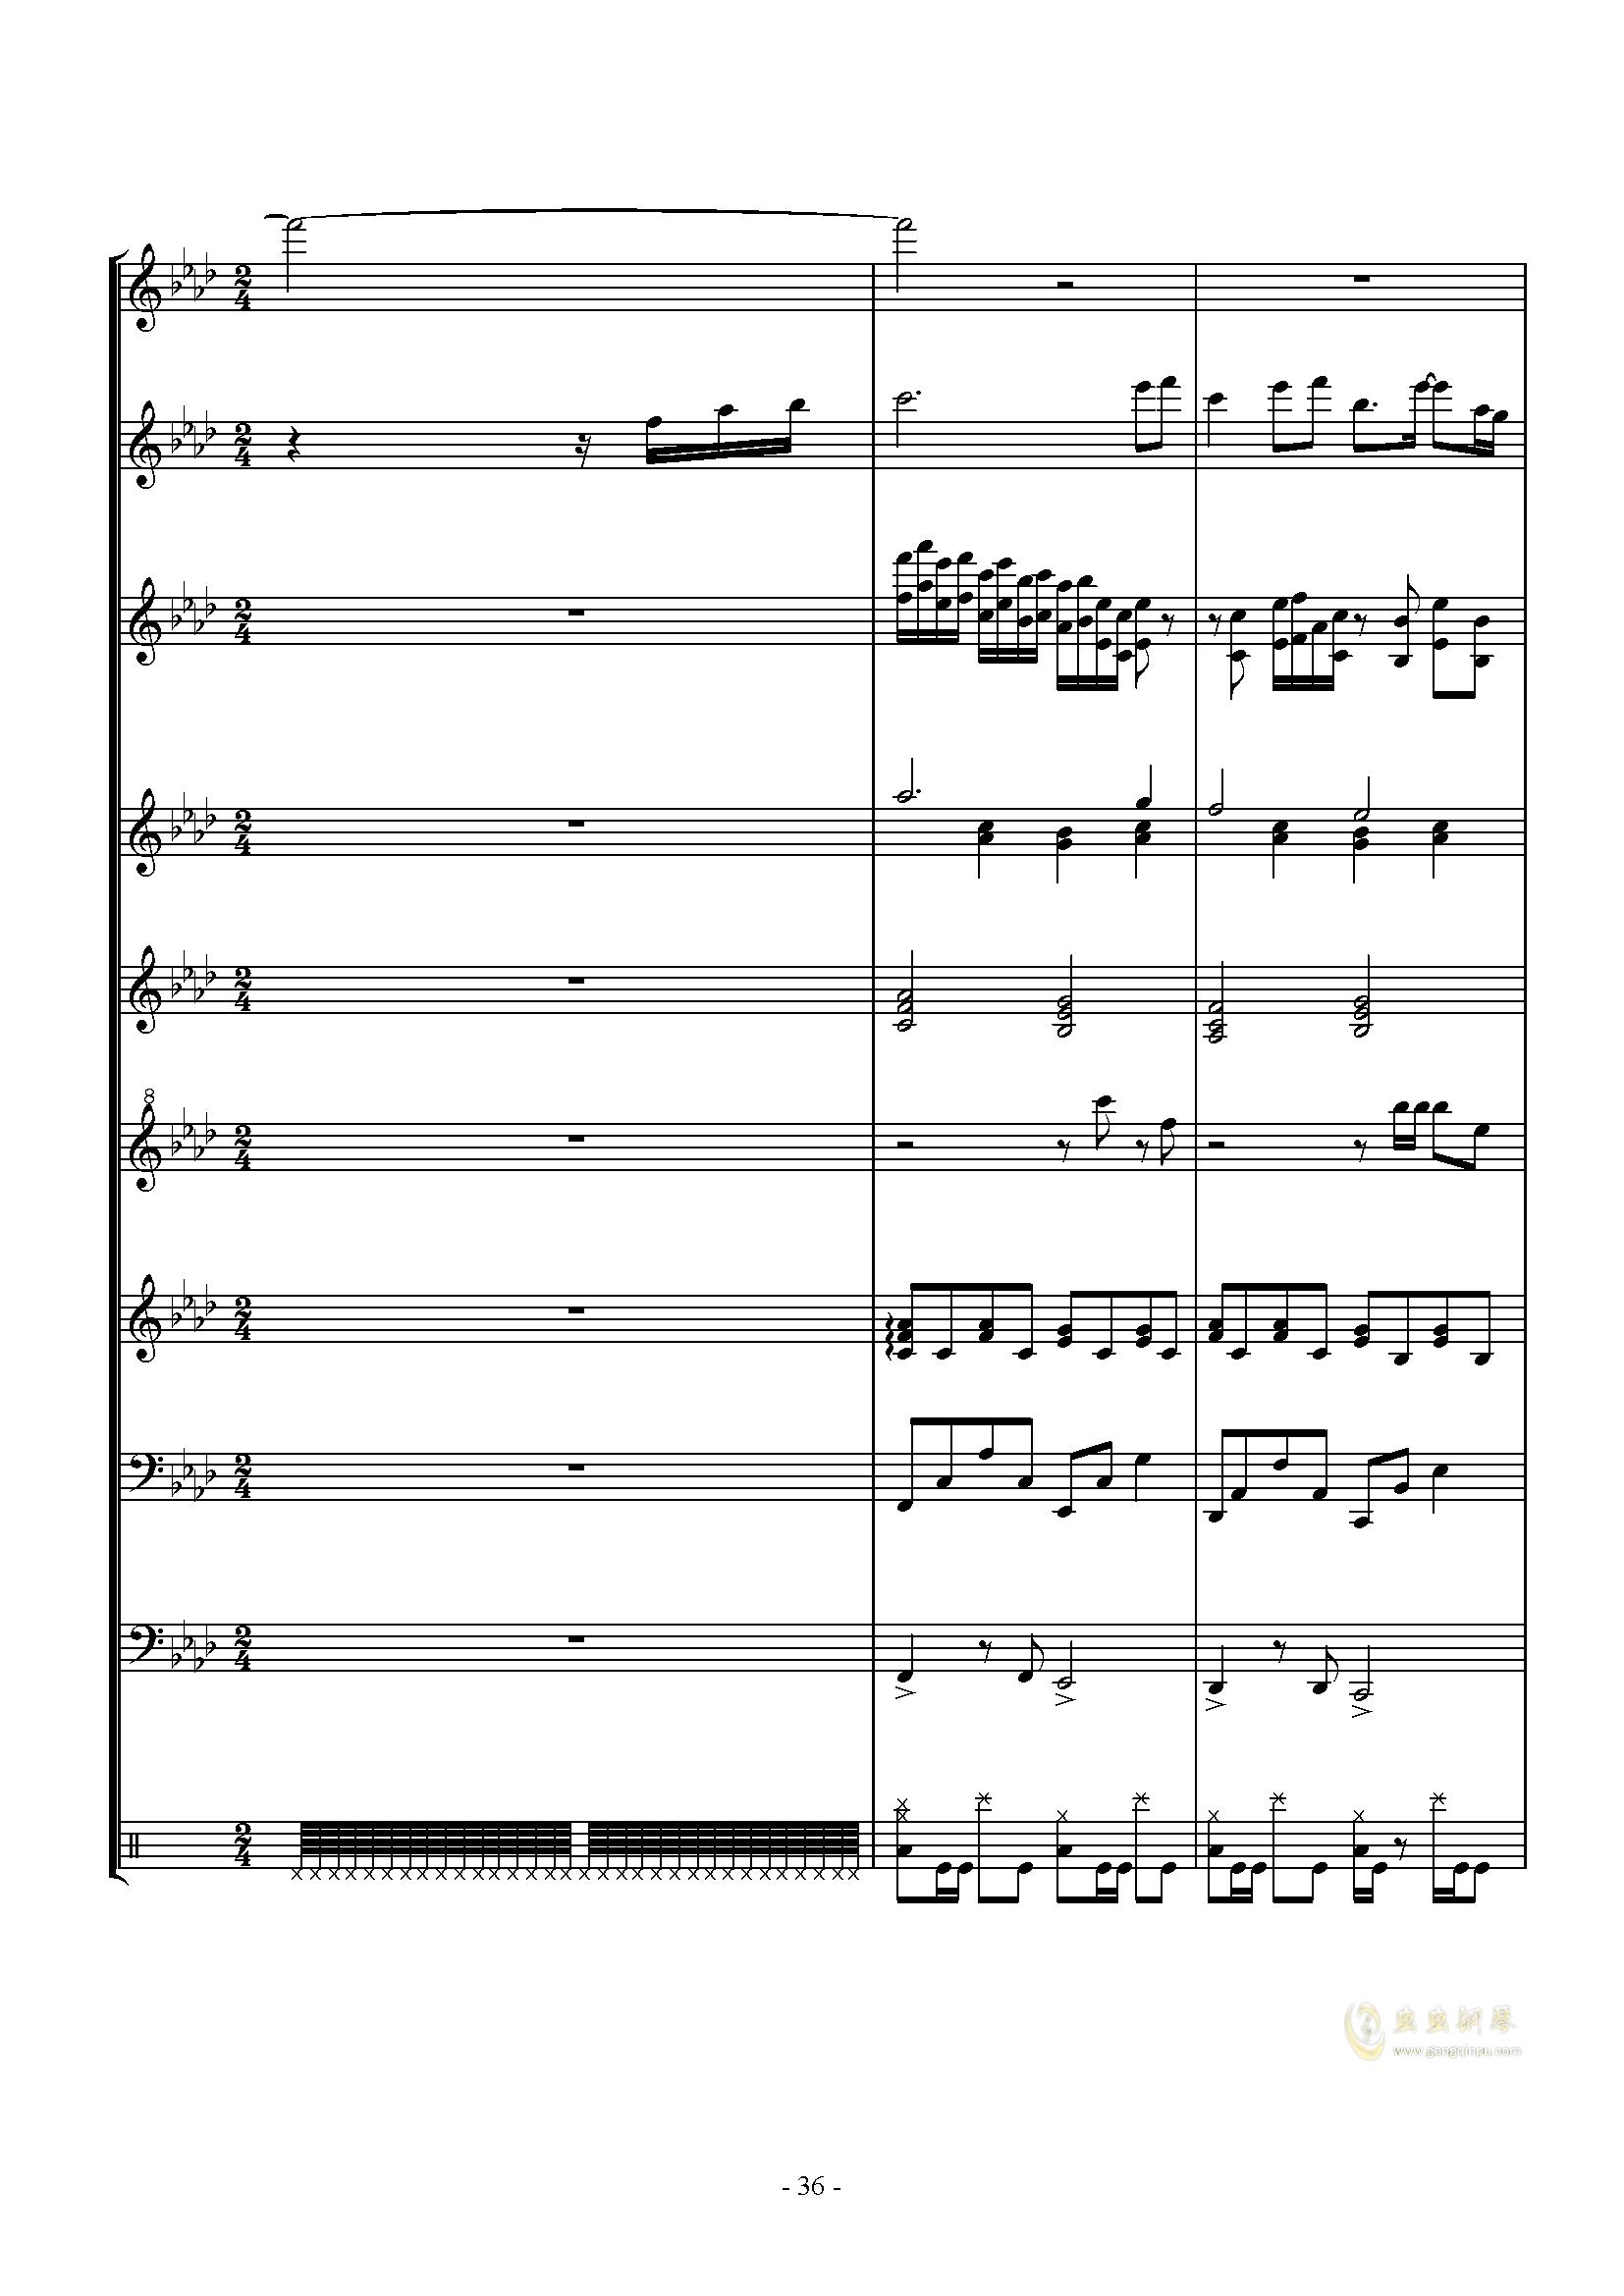 キミガタメ钢琴谱 第36页